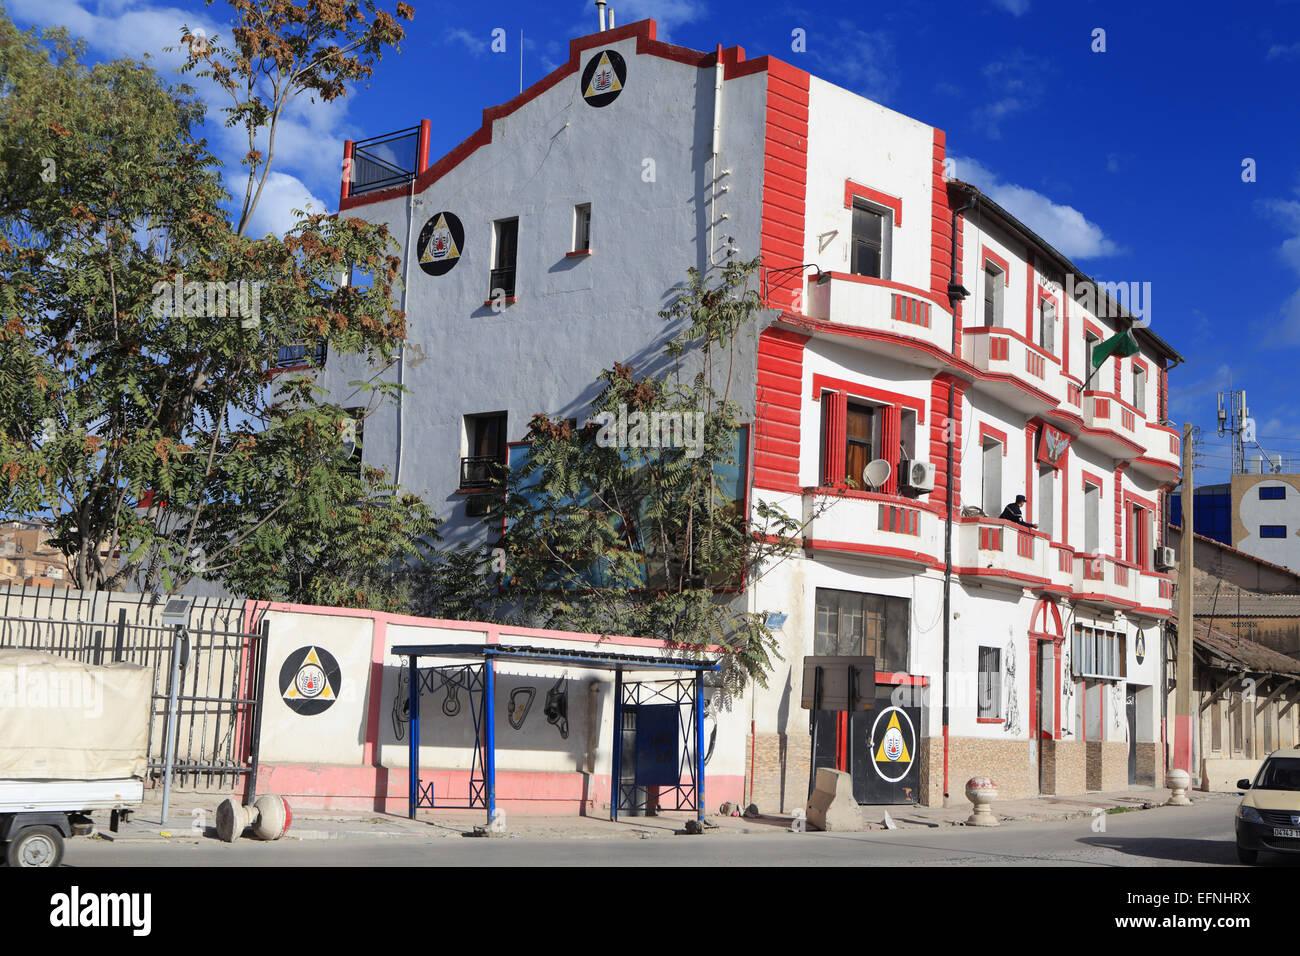 Centro citta', Costantino, Algeria Immagini Stock